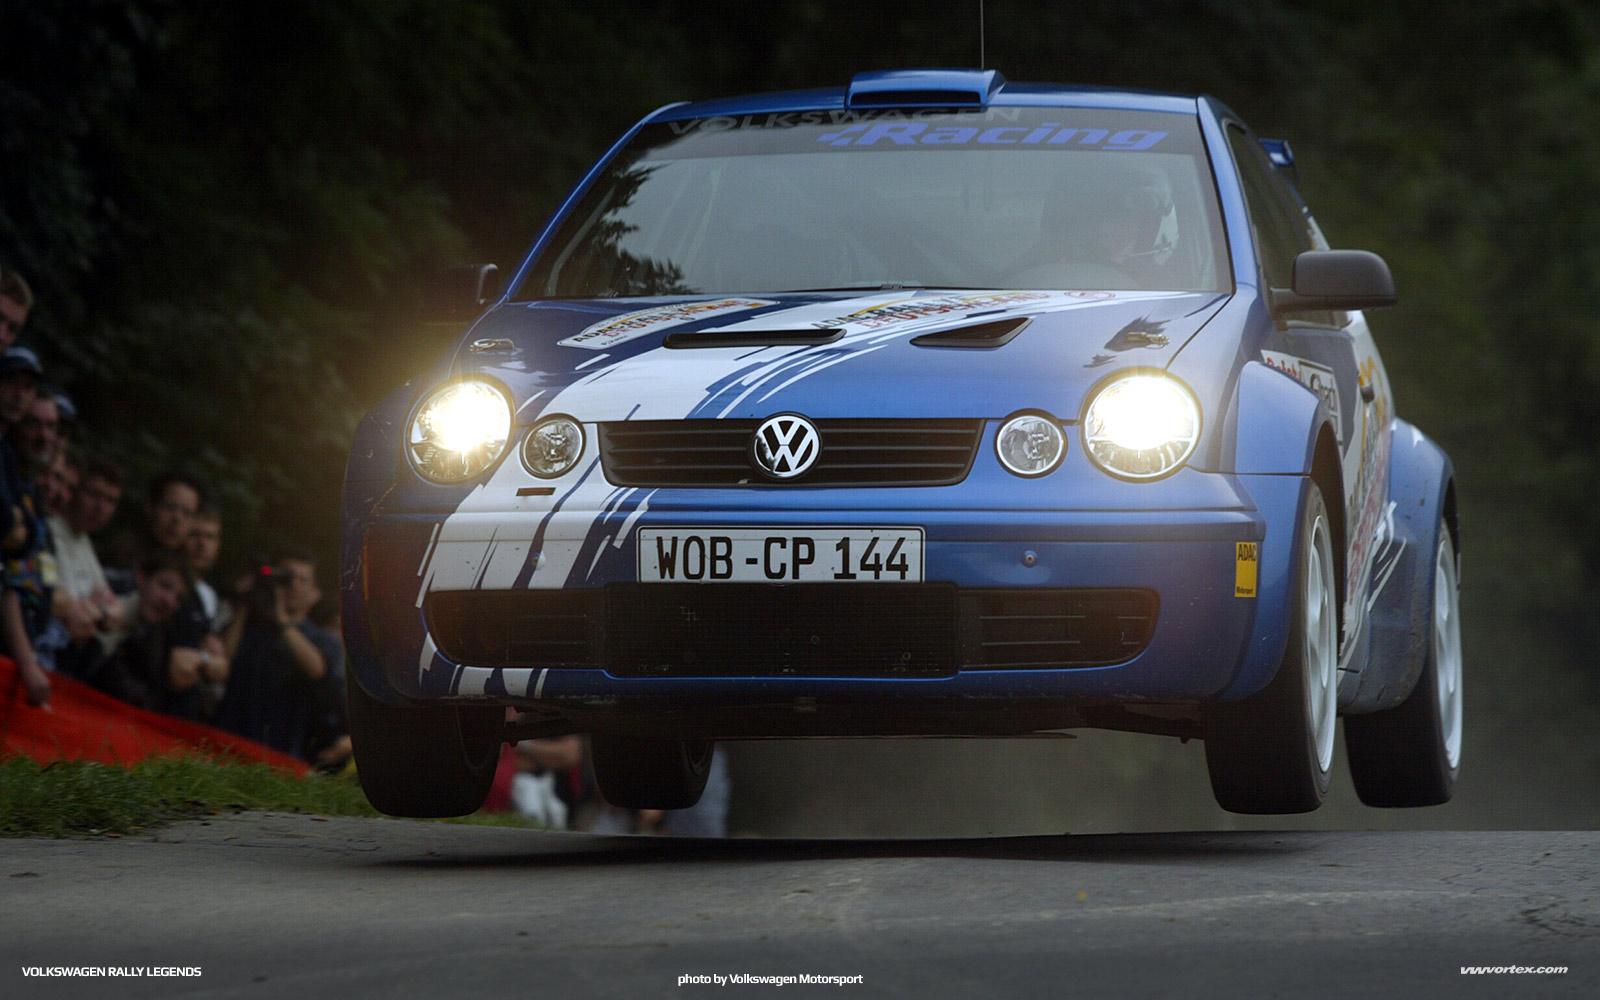 volkswagen-rally-legends-401